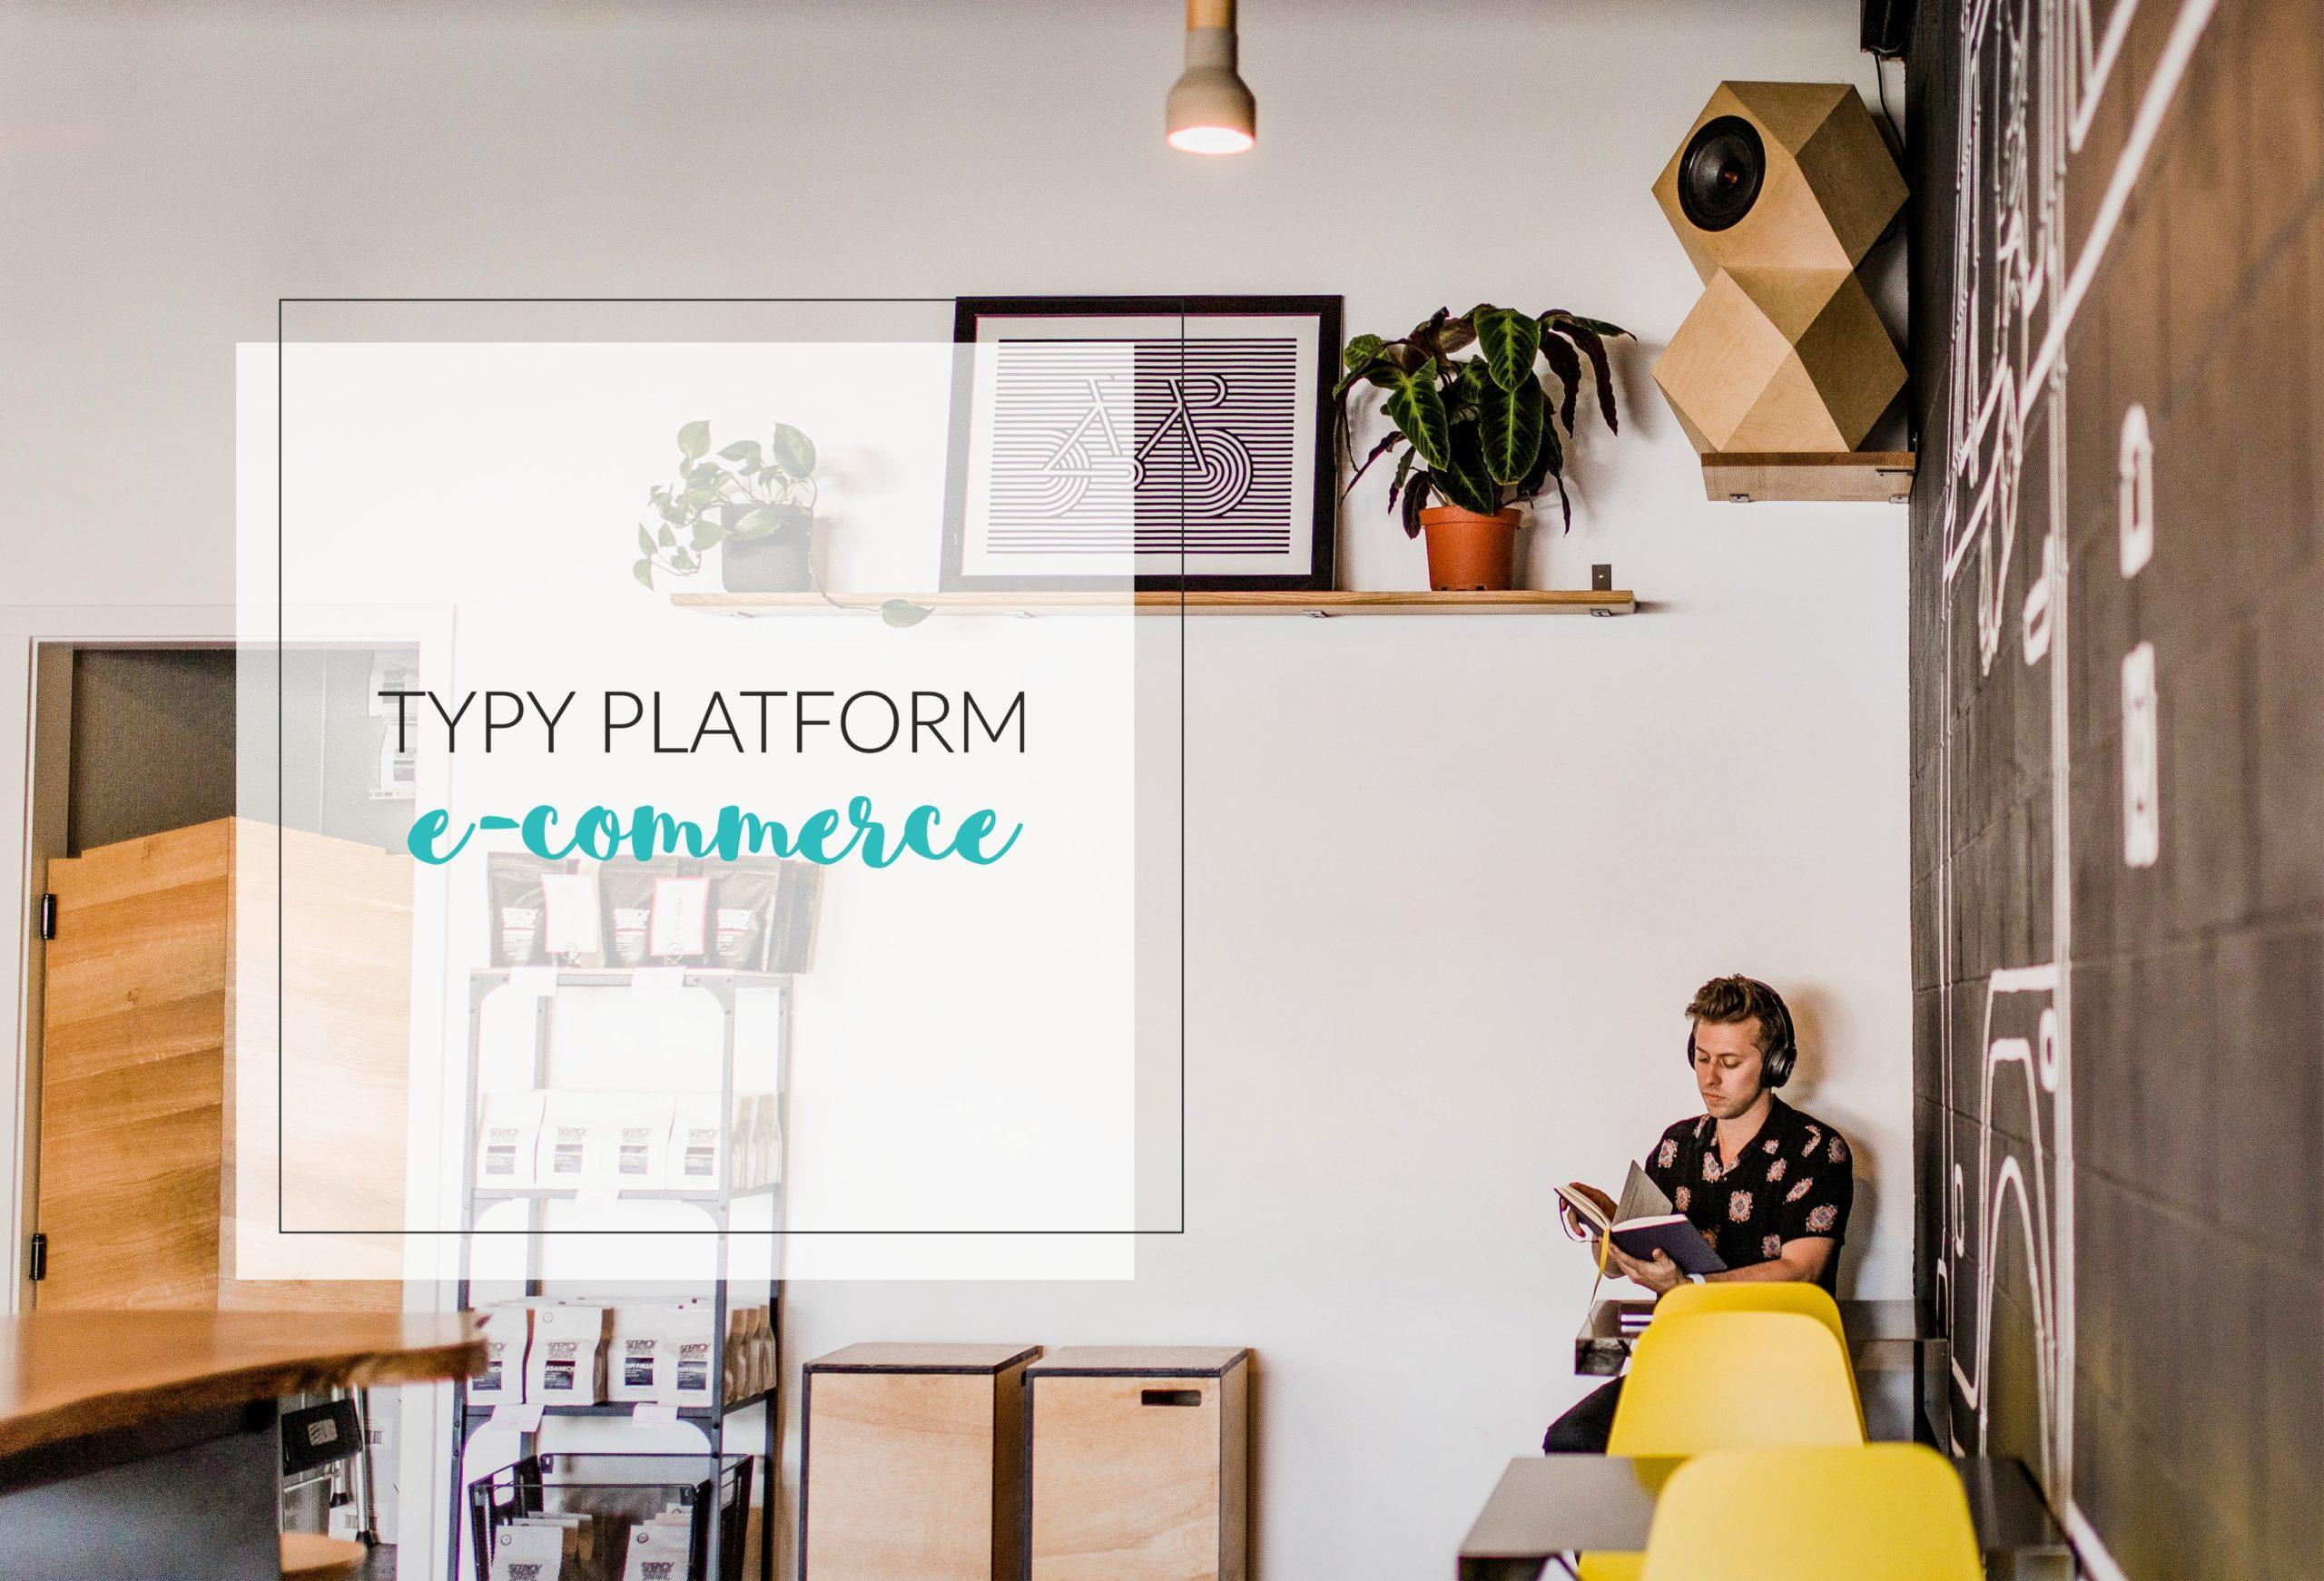 typy-platform-ecommerce